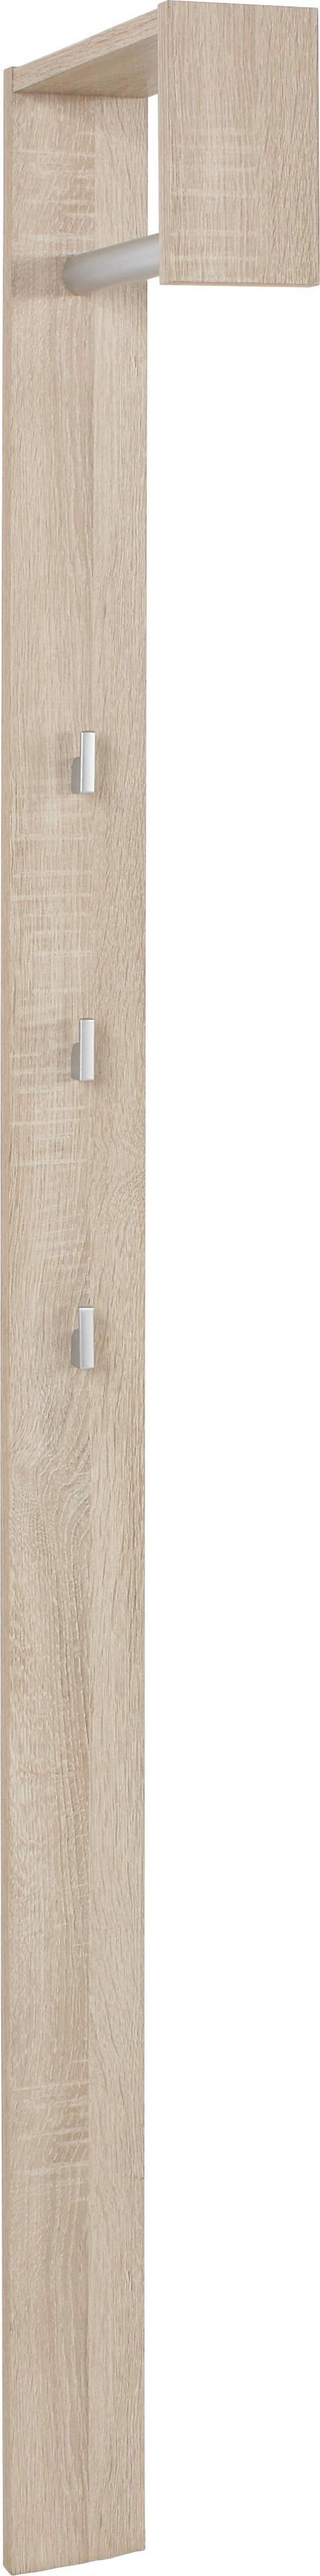 Šatní Panel Senex  *cenový Trhák* - Sonoma dub, Moderní, dřevo (10/170/33cm)